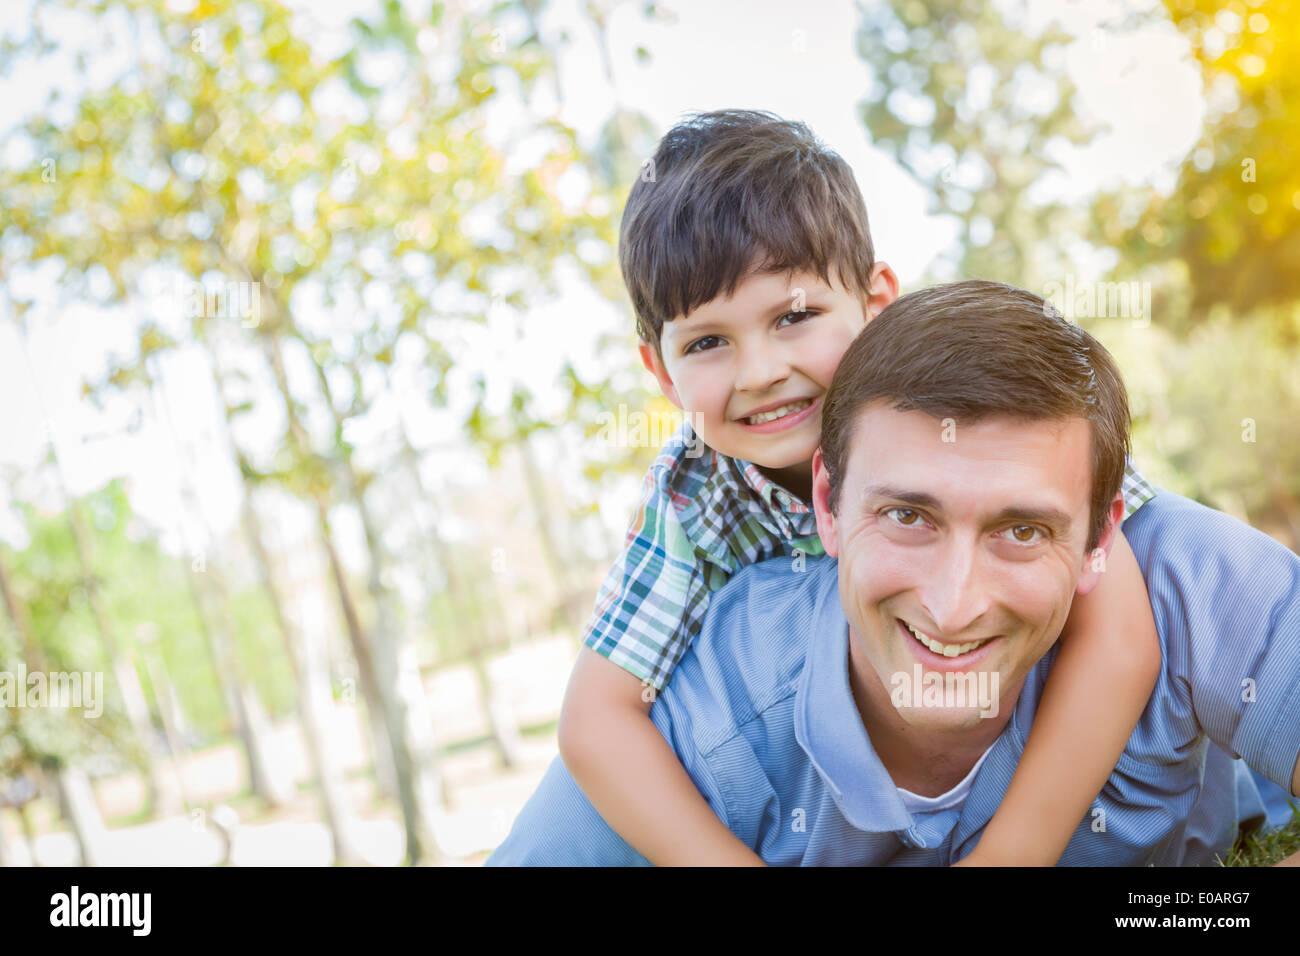 Razza mista il Padre e il Figlio insieme giocando nel parco. Immagini Stock